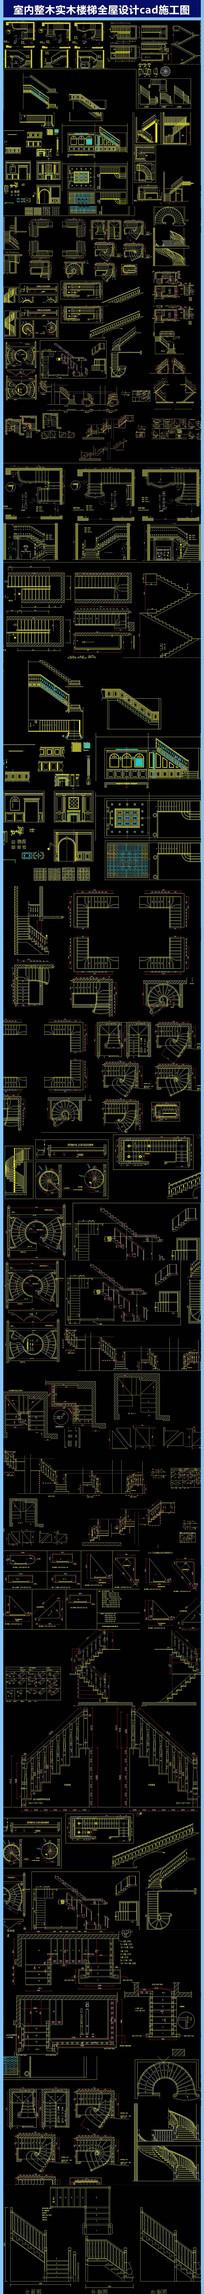 室内整木实木楼梯全屋设计cad施工图